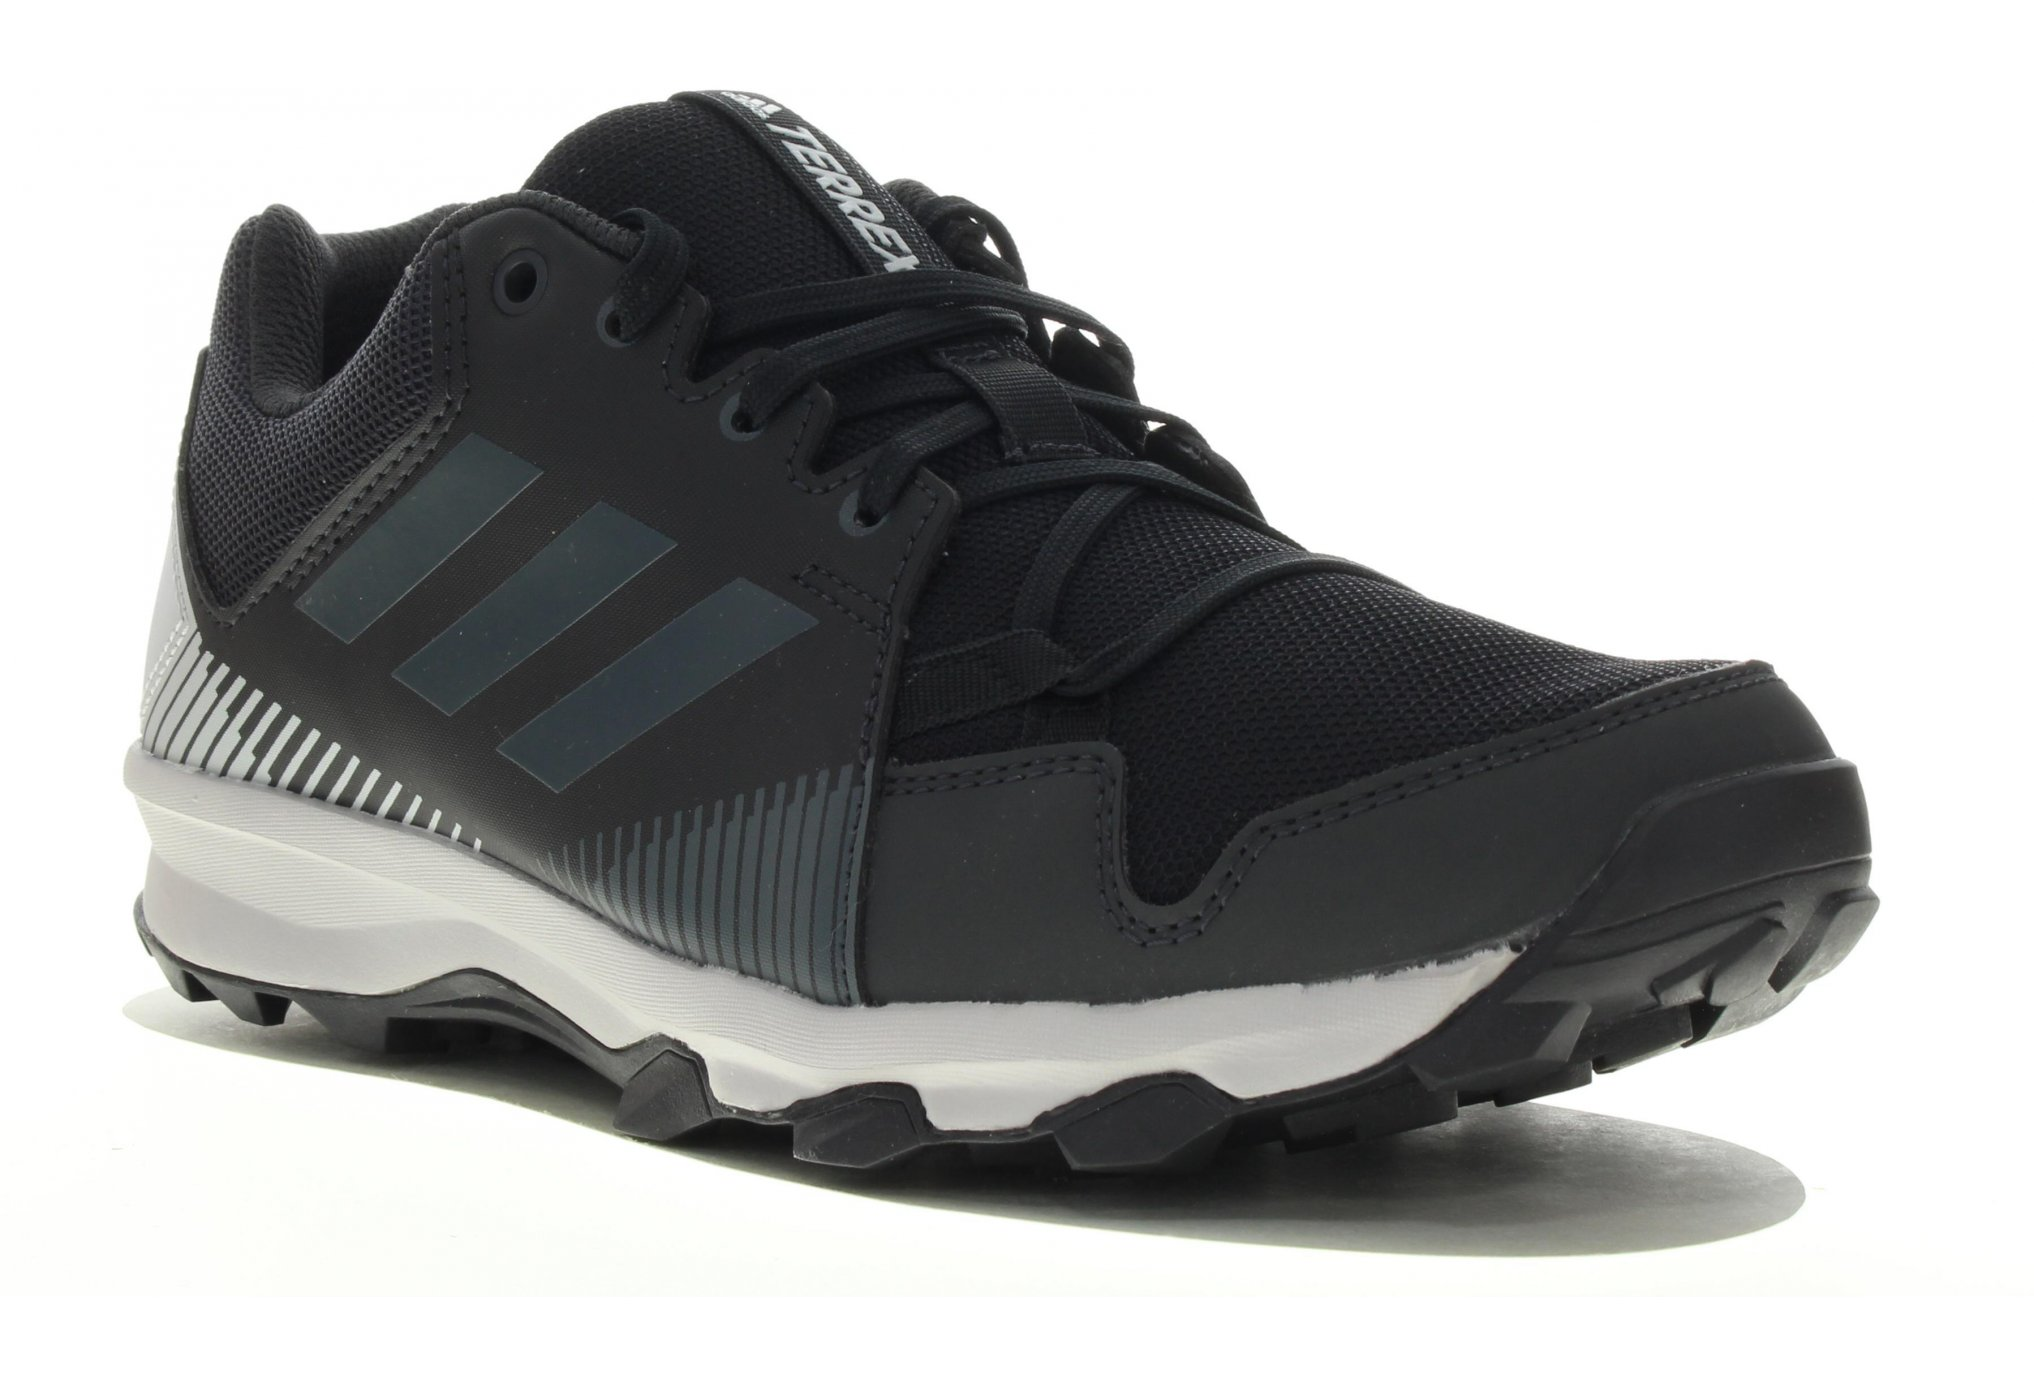 adidas Terrex Tracerocker W Diététique Chaussures femme